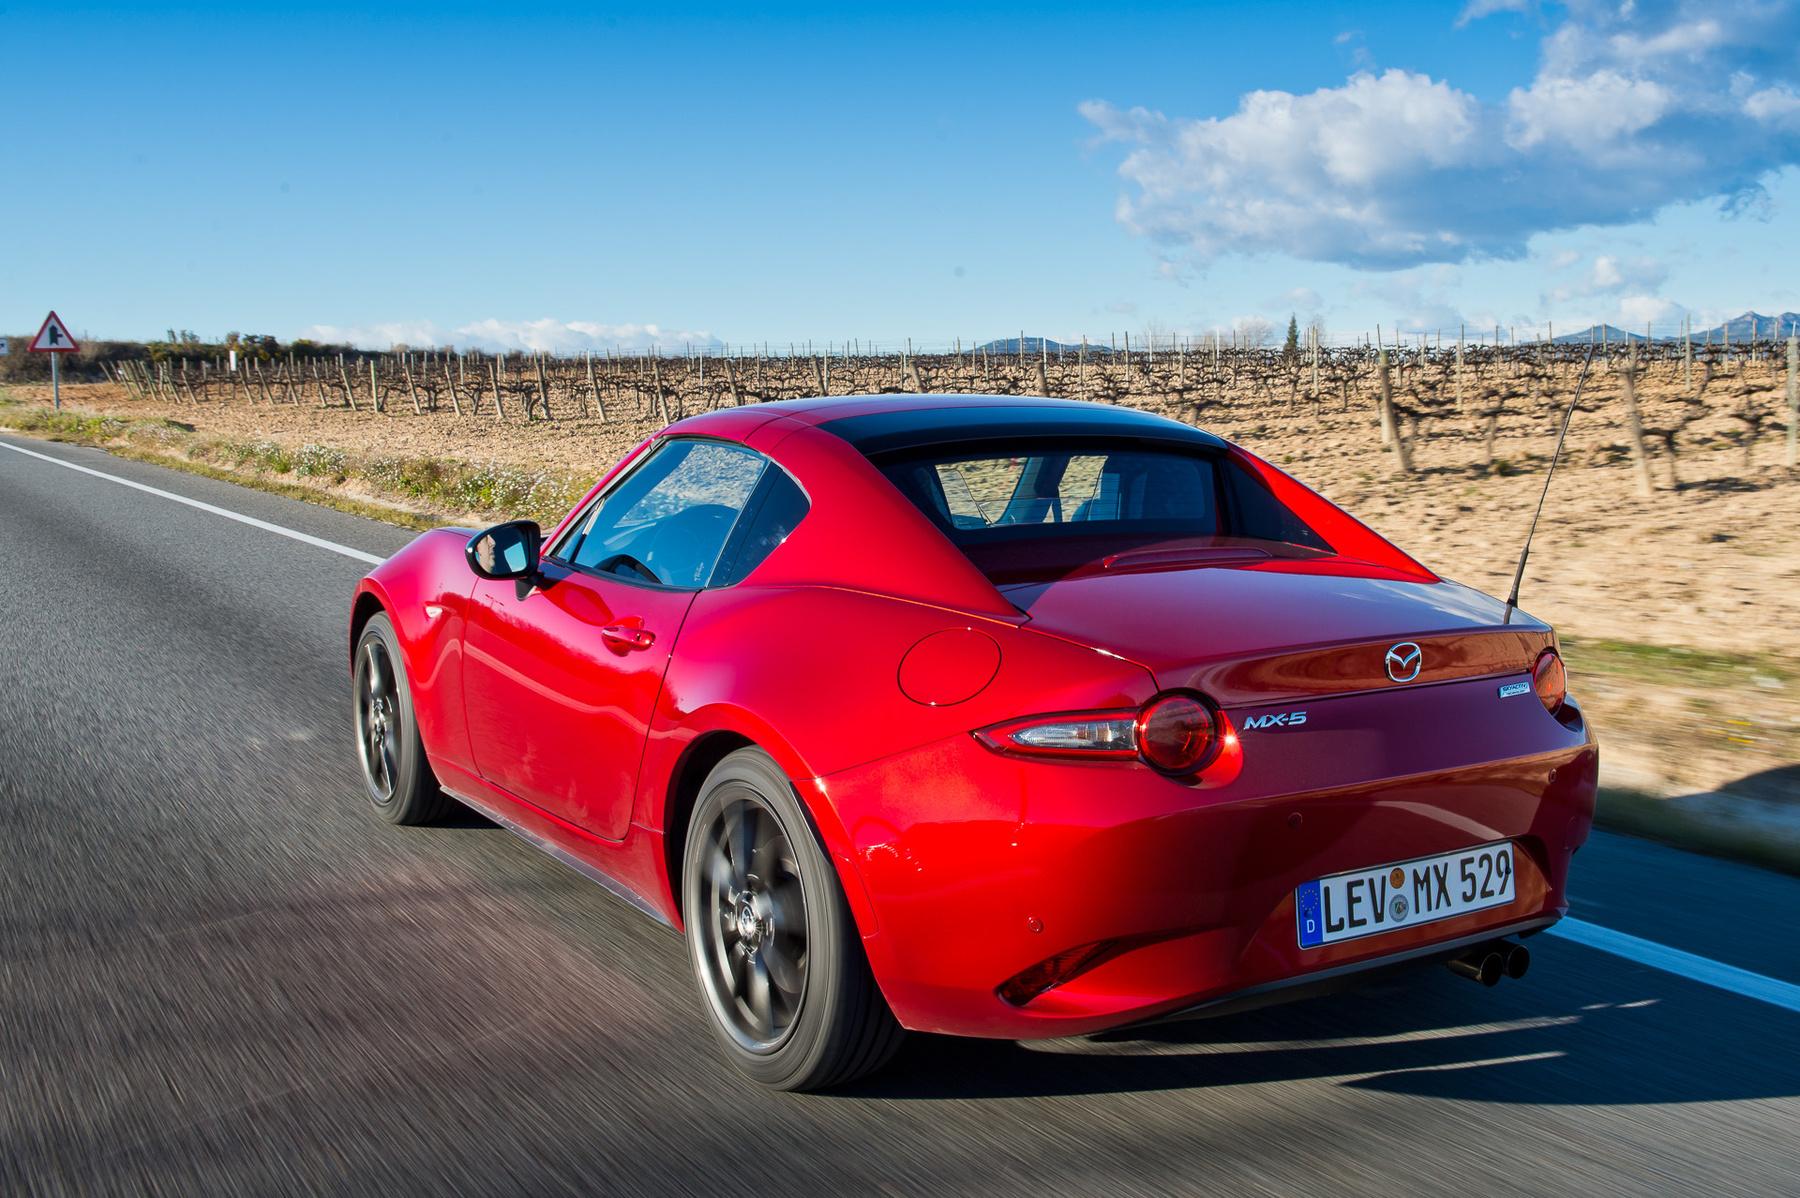 Kedvenc Mazda-motorom: 1,5 liter, 131 lóerő és rengeteg életkedv